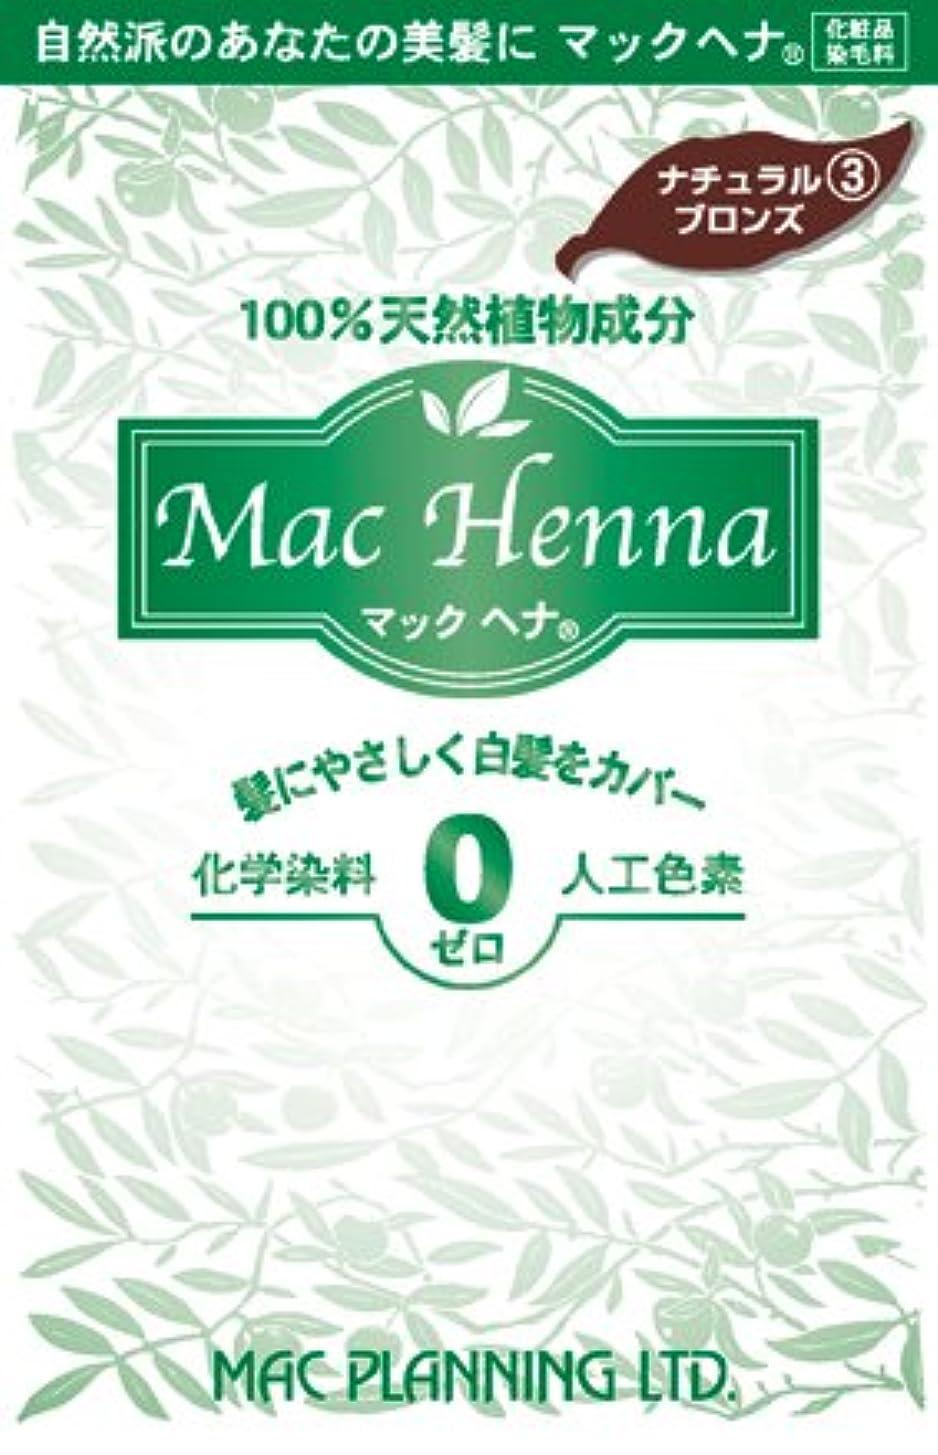 一晩宿題宿天然植物原料100% 無添加 マックヘナ(ナチュラルブロンズ)‐3 100g  6箱セット